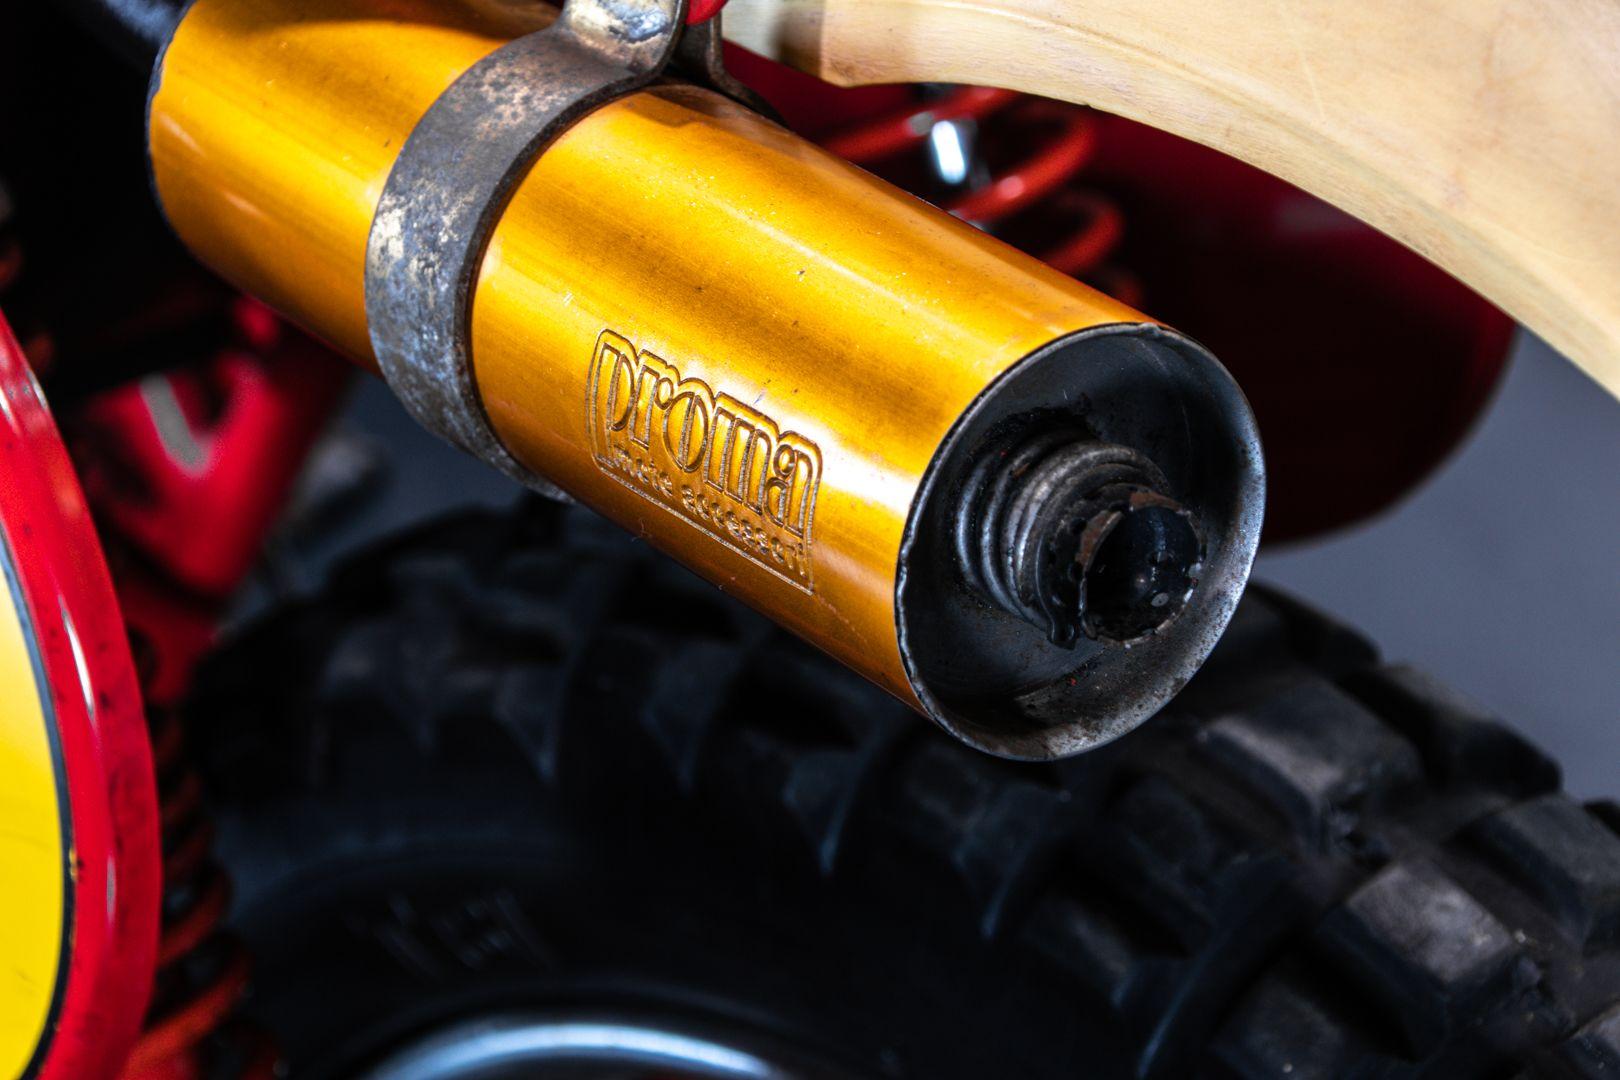 1980 Fantic Motor Caballero 50 Super 6M TX 190 65388